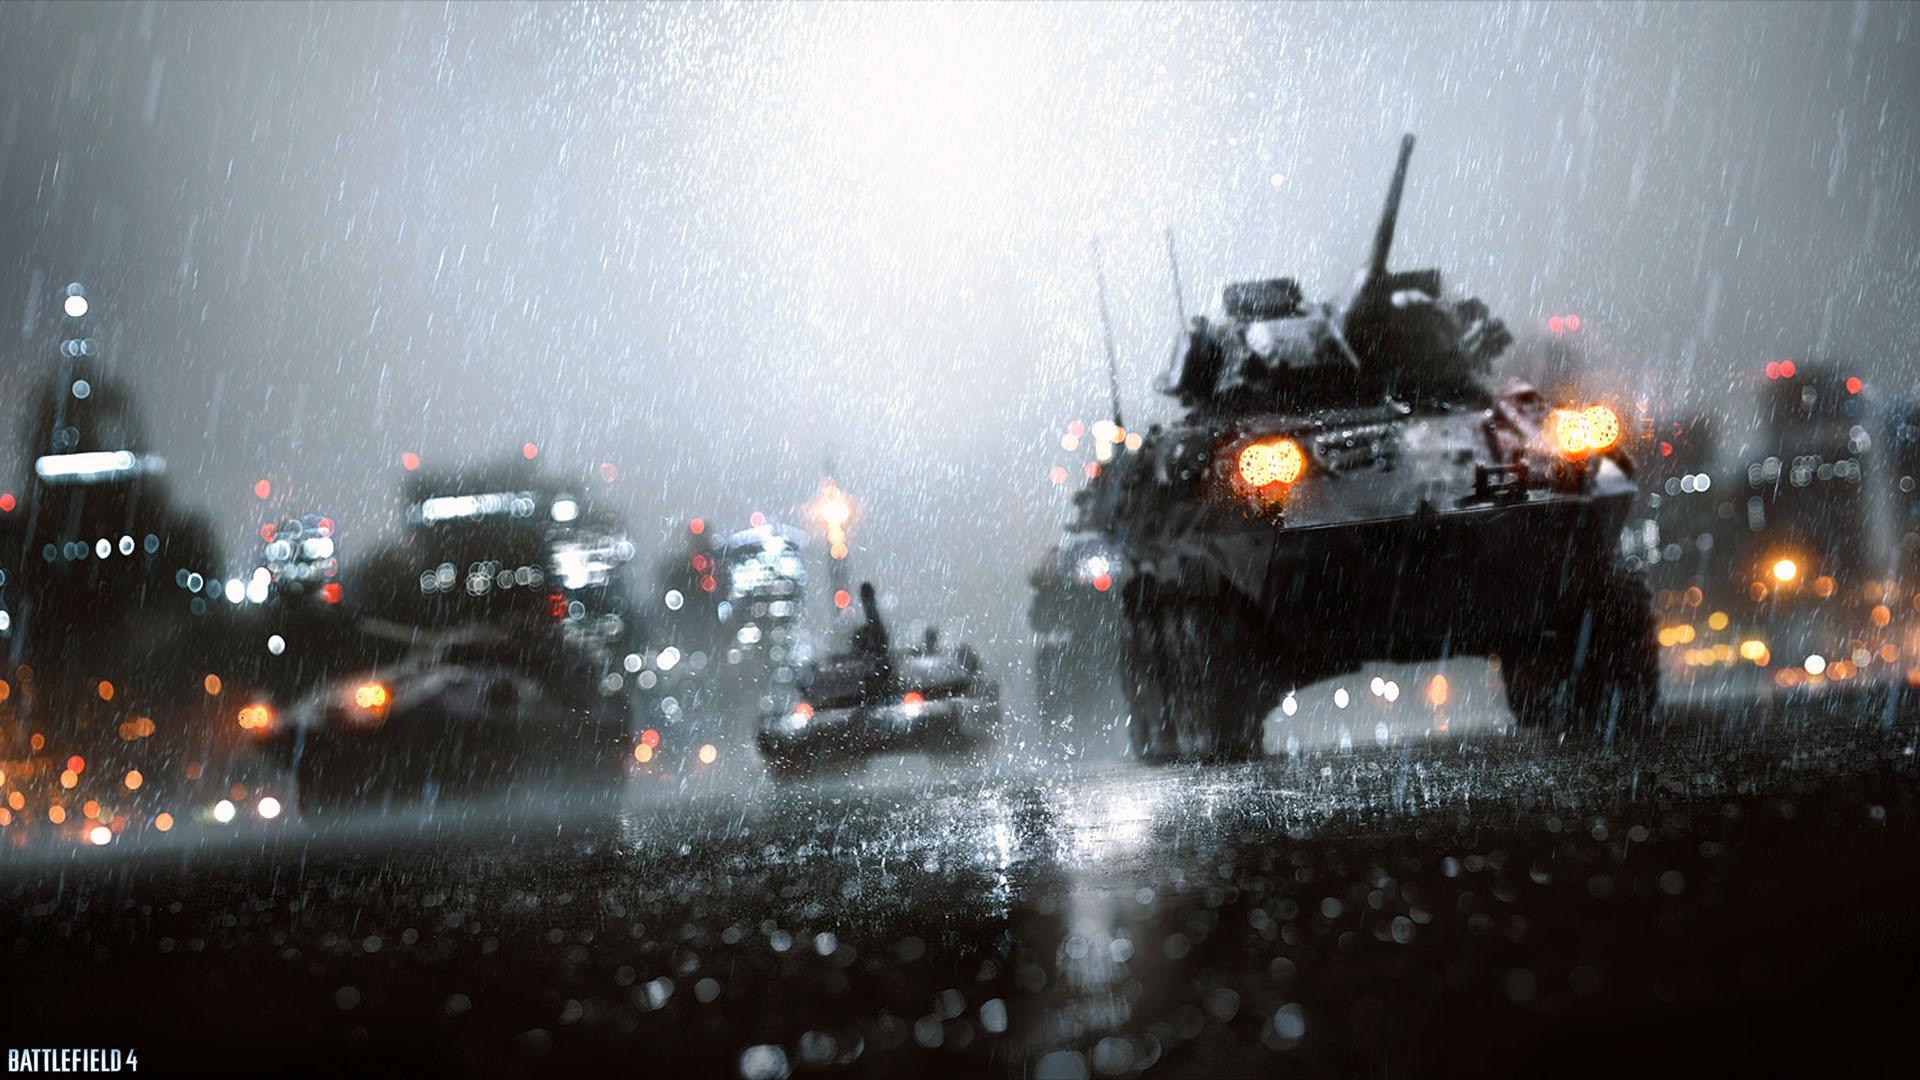 Battlefield 4 Teaser Background into Wallpaper 1080p battlefield3 1920x1080